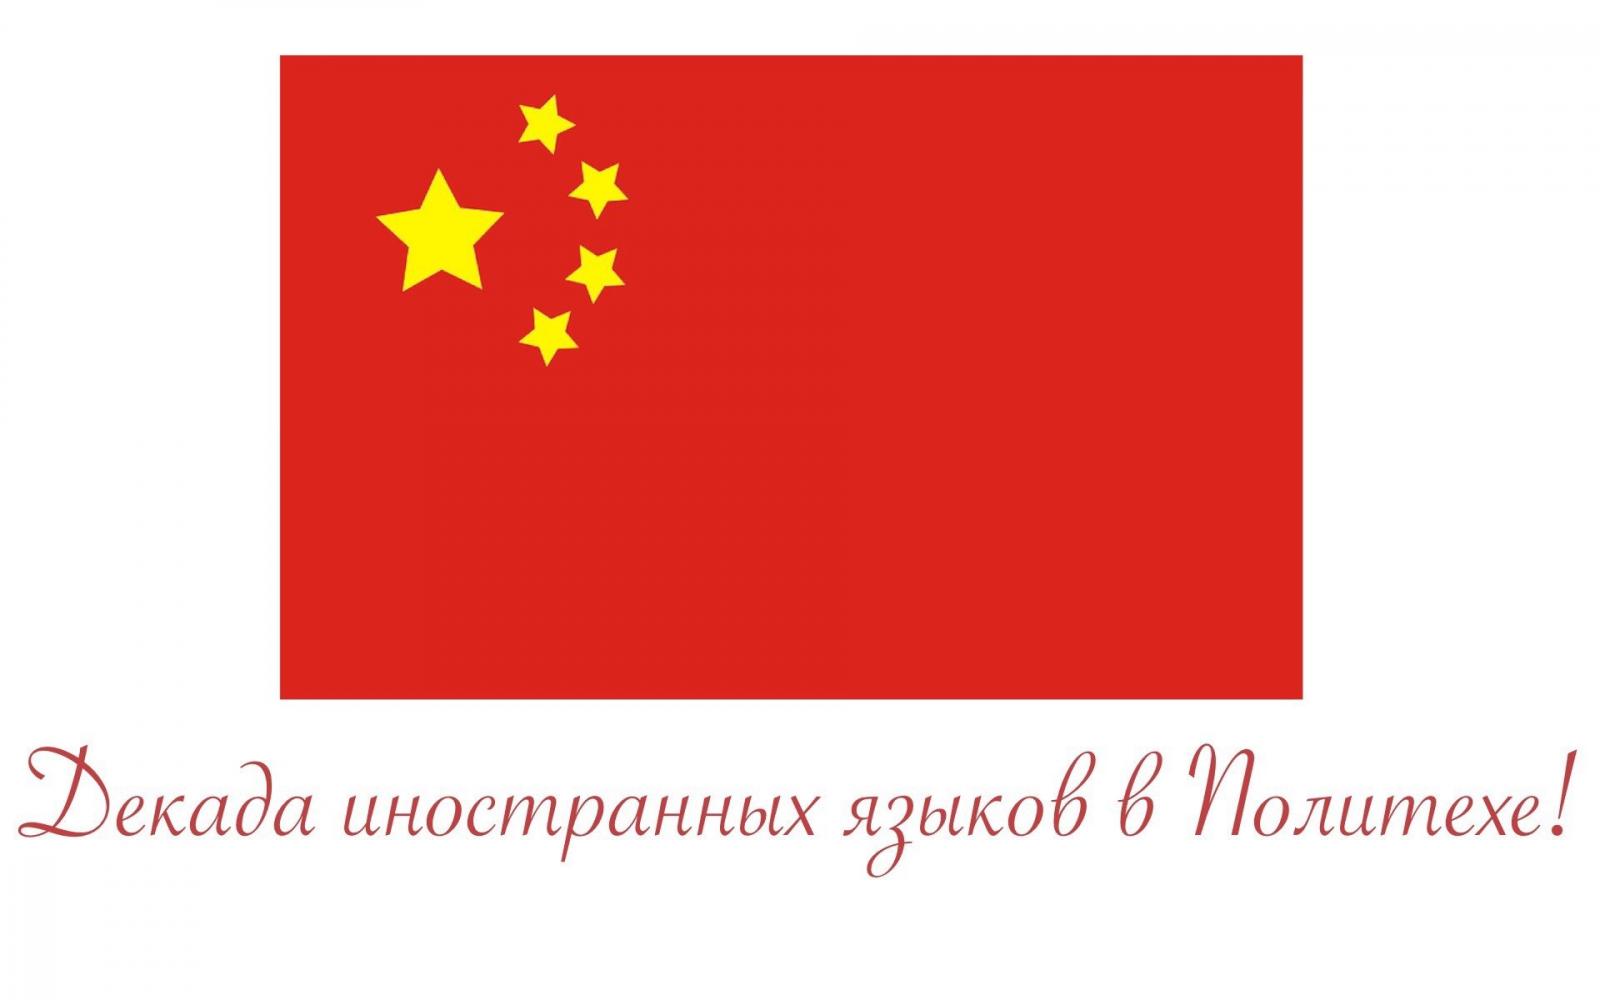 День китайского языка и культуры в рамках декады иностранных языков пройдёт в Политехе!